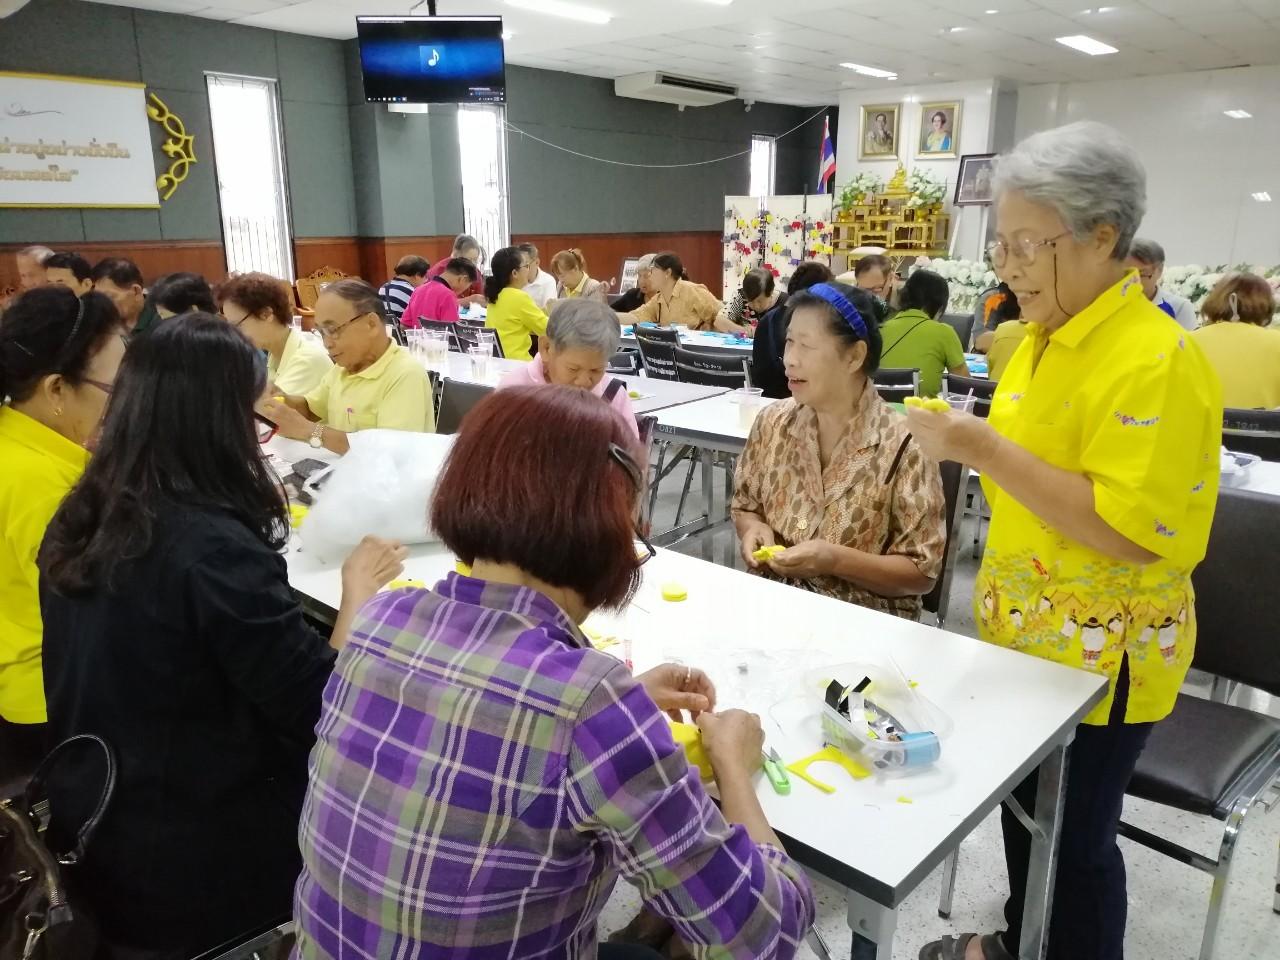 จัดโครงการเชียงใหม่สู่สังคมผู้สูงอายุอย่างมีคุณภาพ กิจกรรมเตรียมความพร้อมแก่แรงงานก่อนและวัยเกษียณ